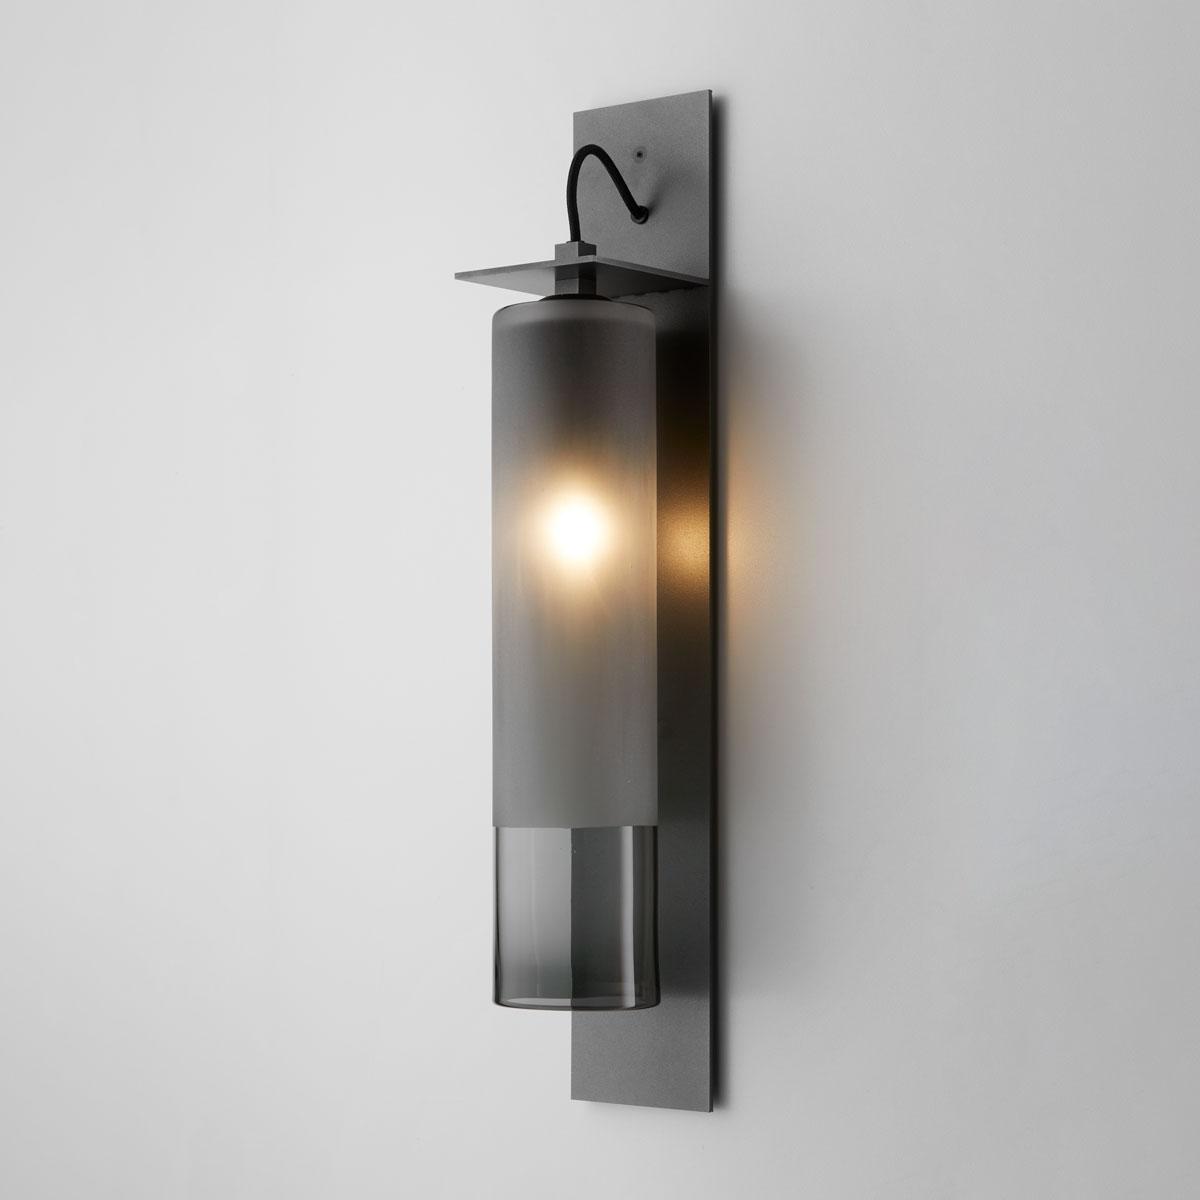 Articolo lighting eclipse wall sconce tall grey frost articolo black black flex on